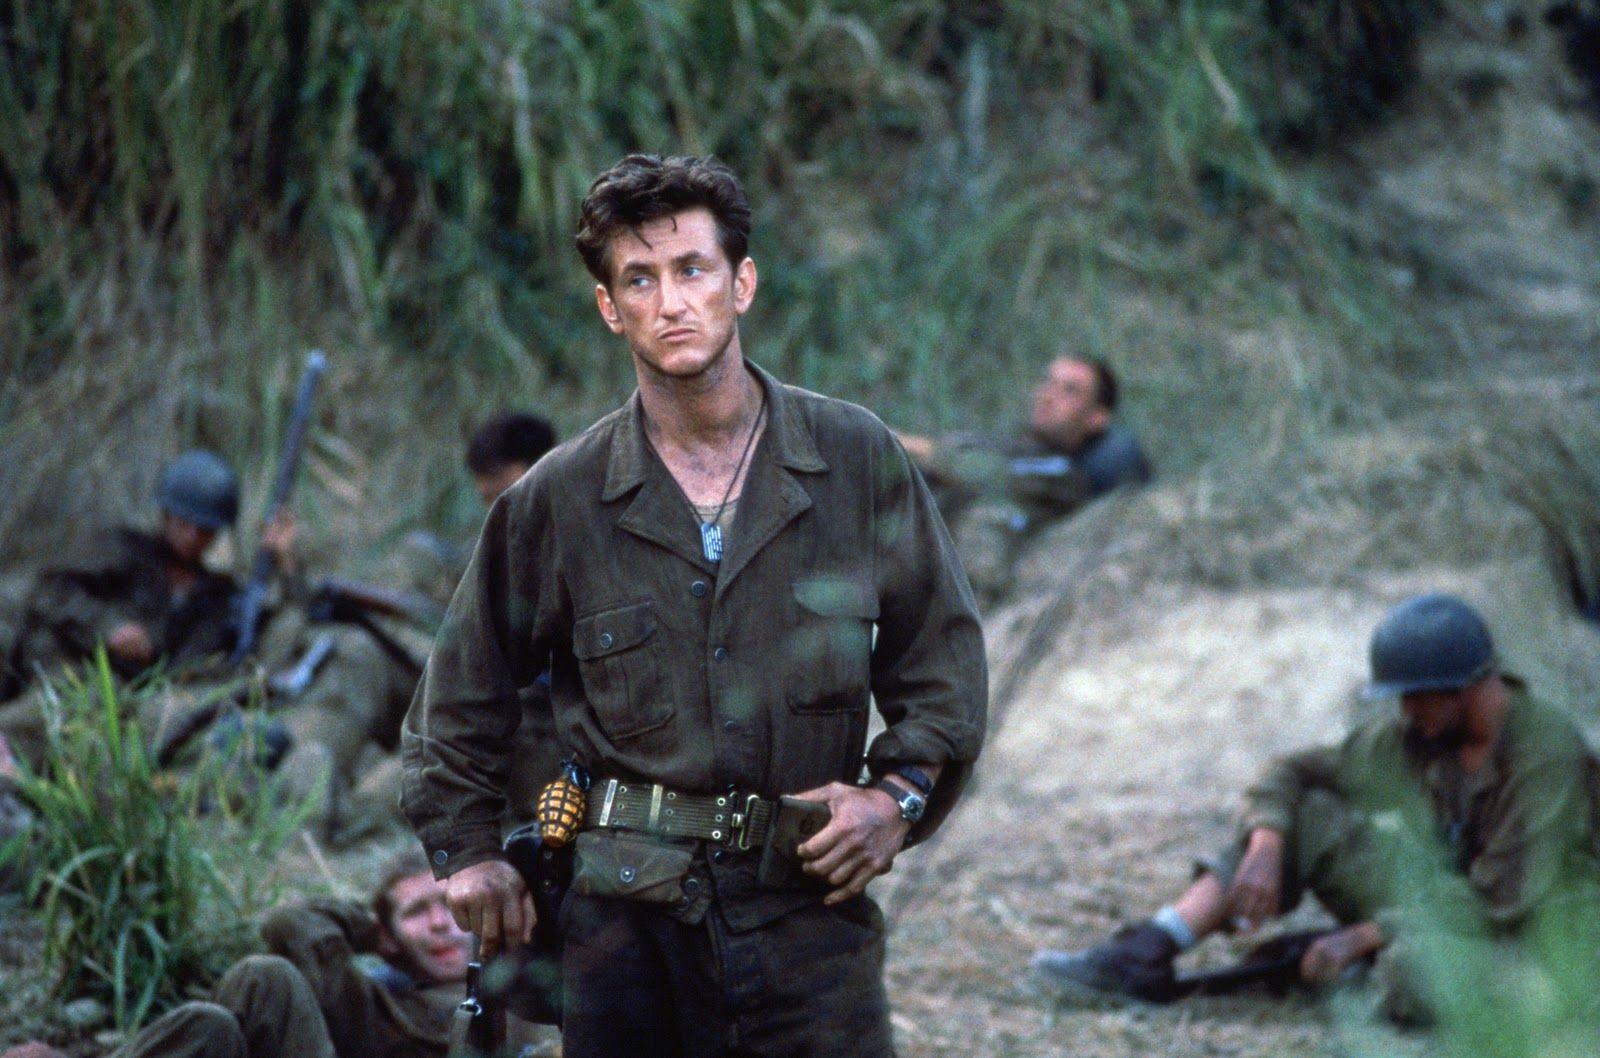 penn 1 20 Things You Didn't Know About Sean Penn